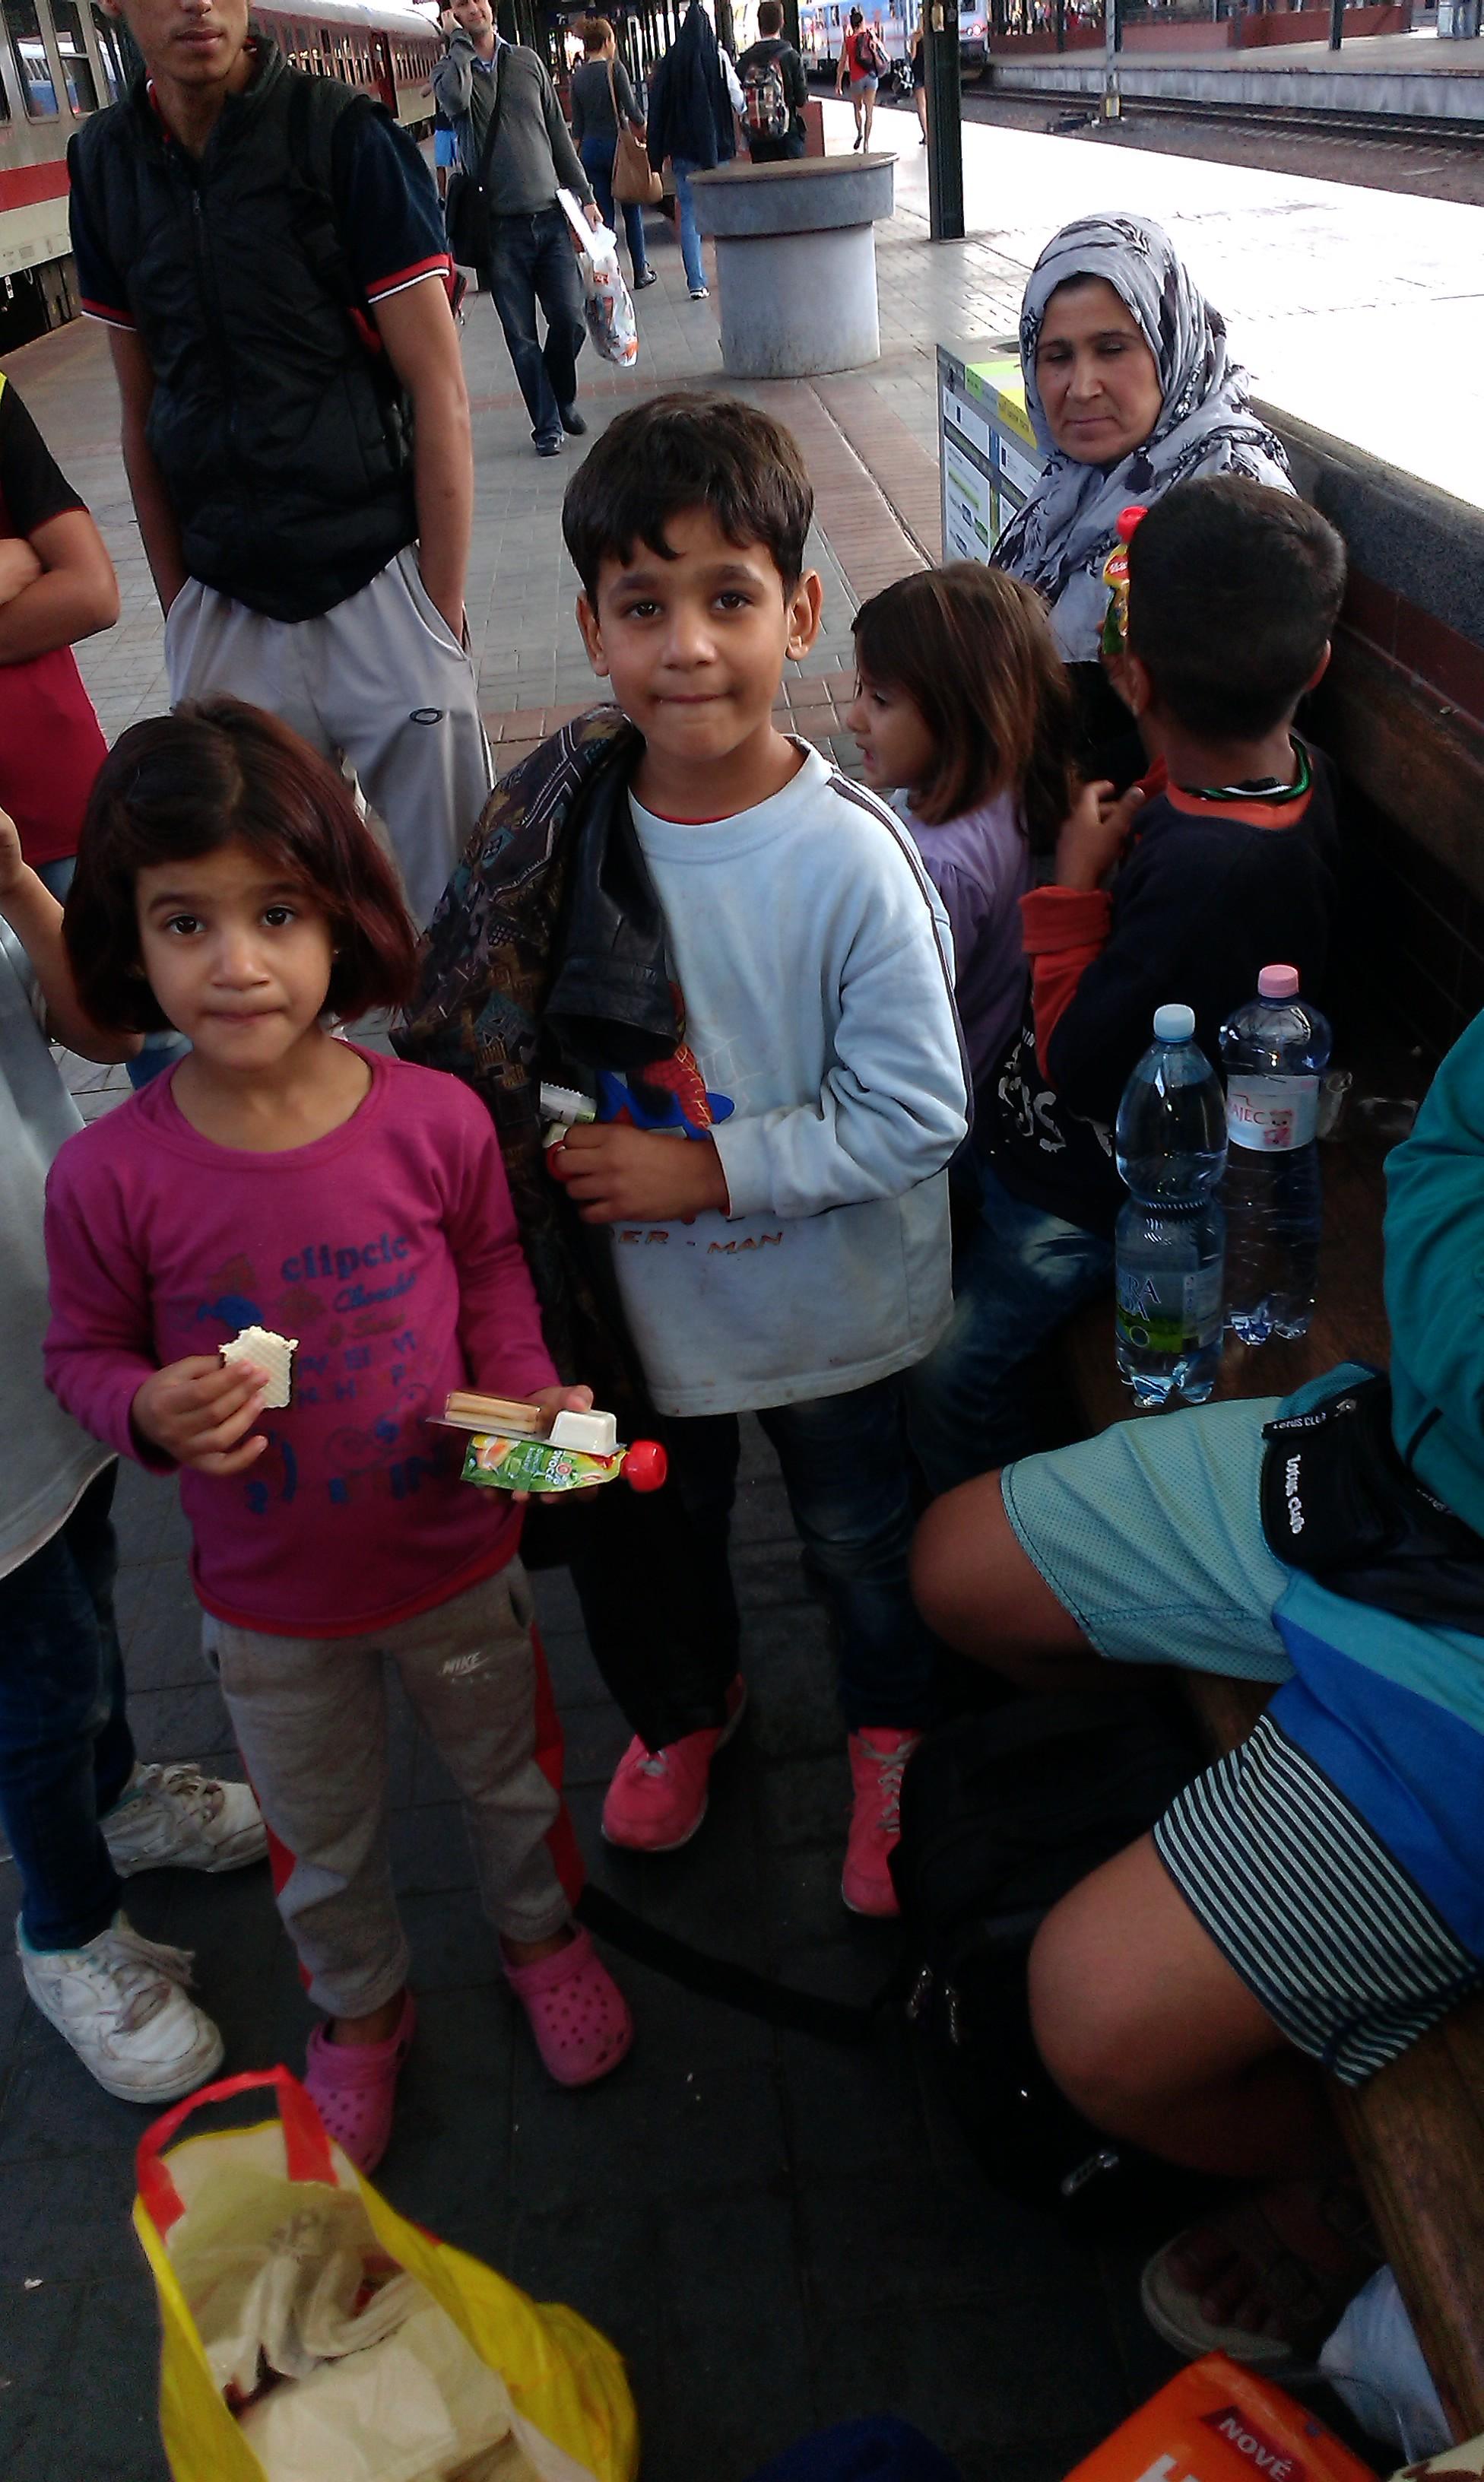 5a_Syrská rodina čekající na vlak do Berlína